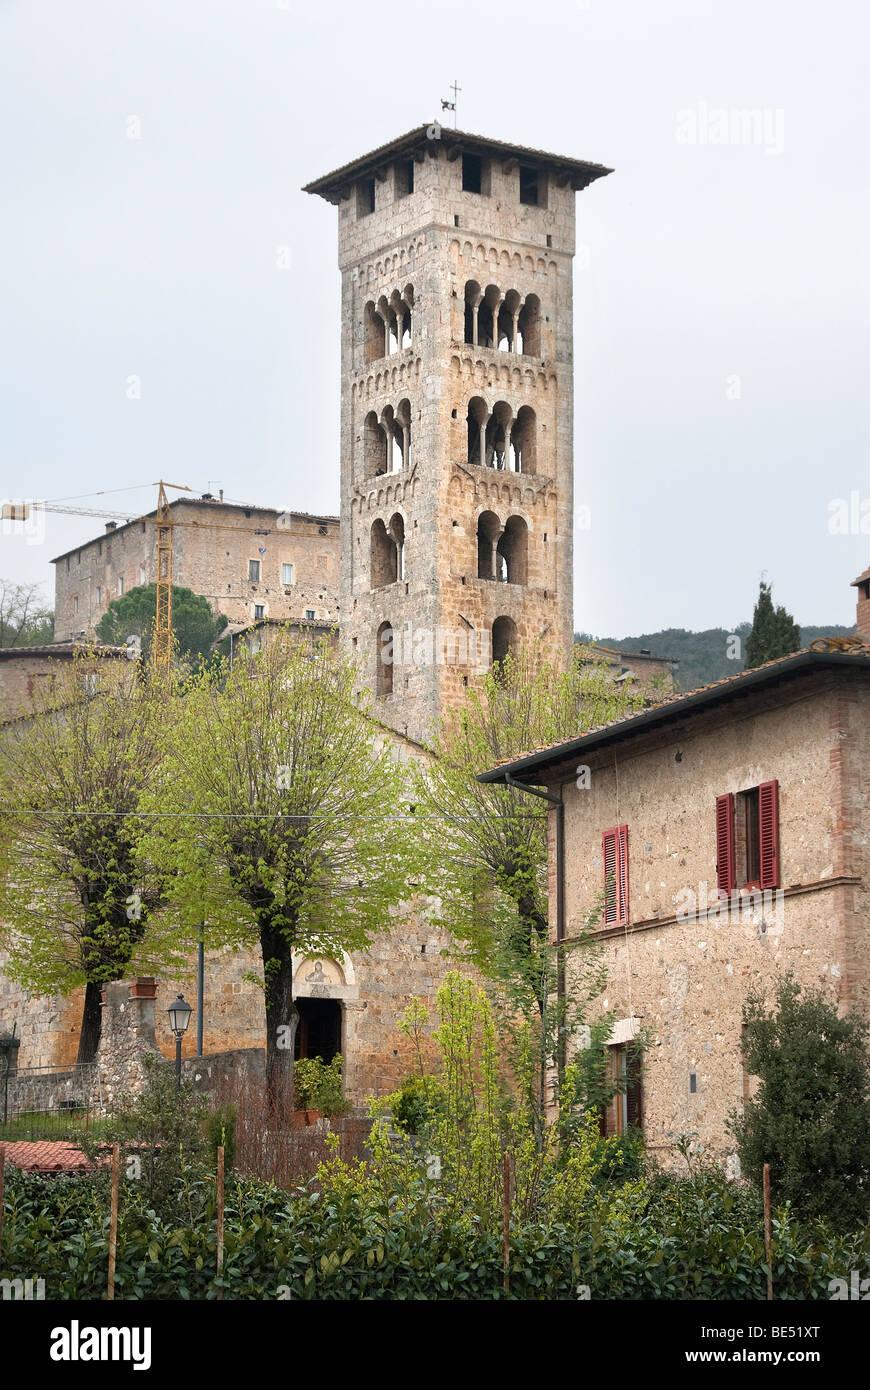 El campanario románico o el campanario y la iglesia de la Pieve di San Giovanni Battista de Rosia, Sovicille, Imagen De Stock